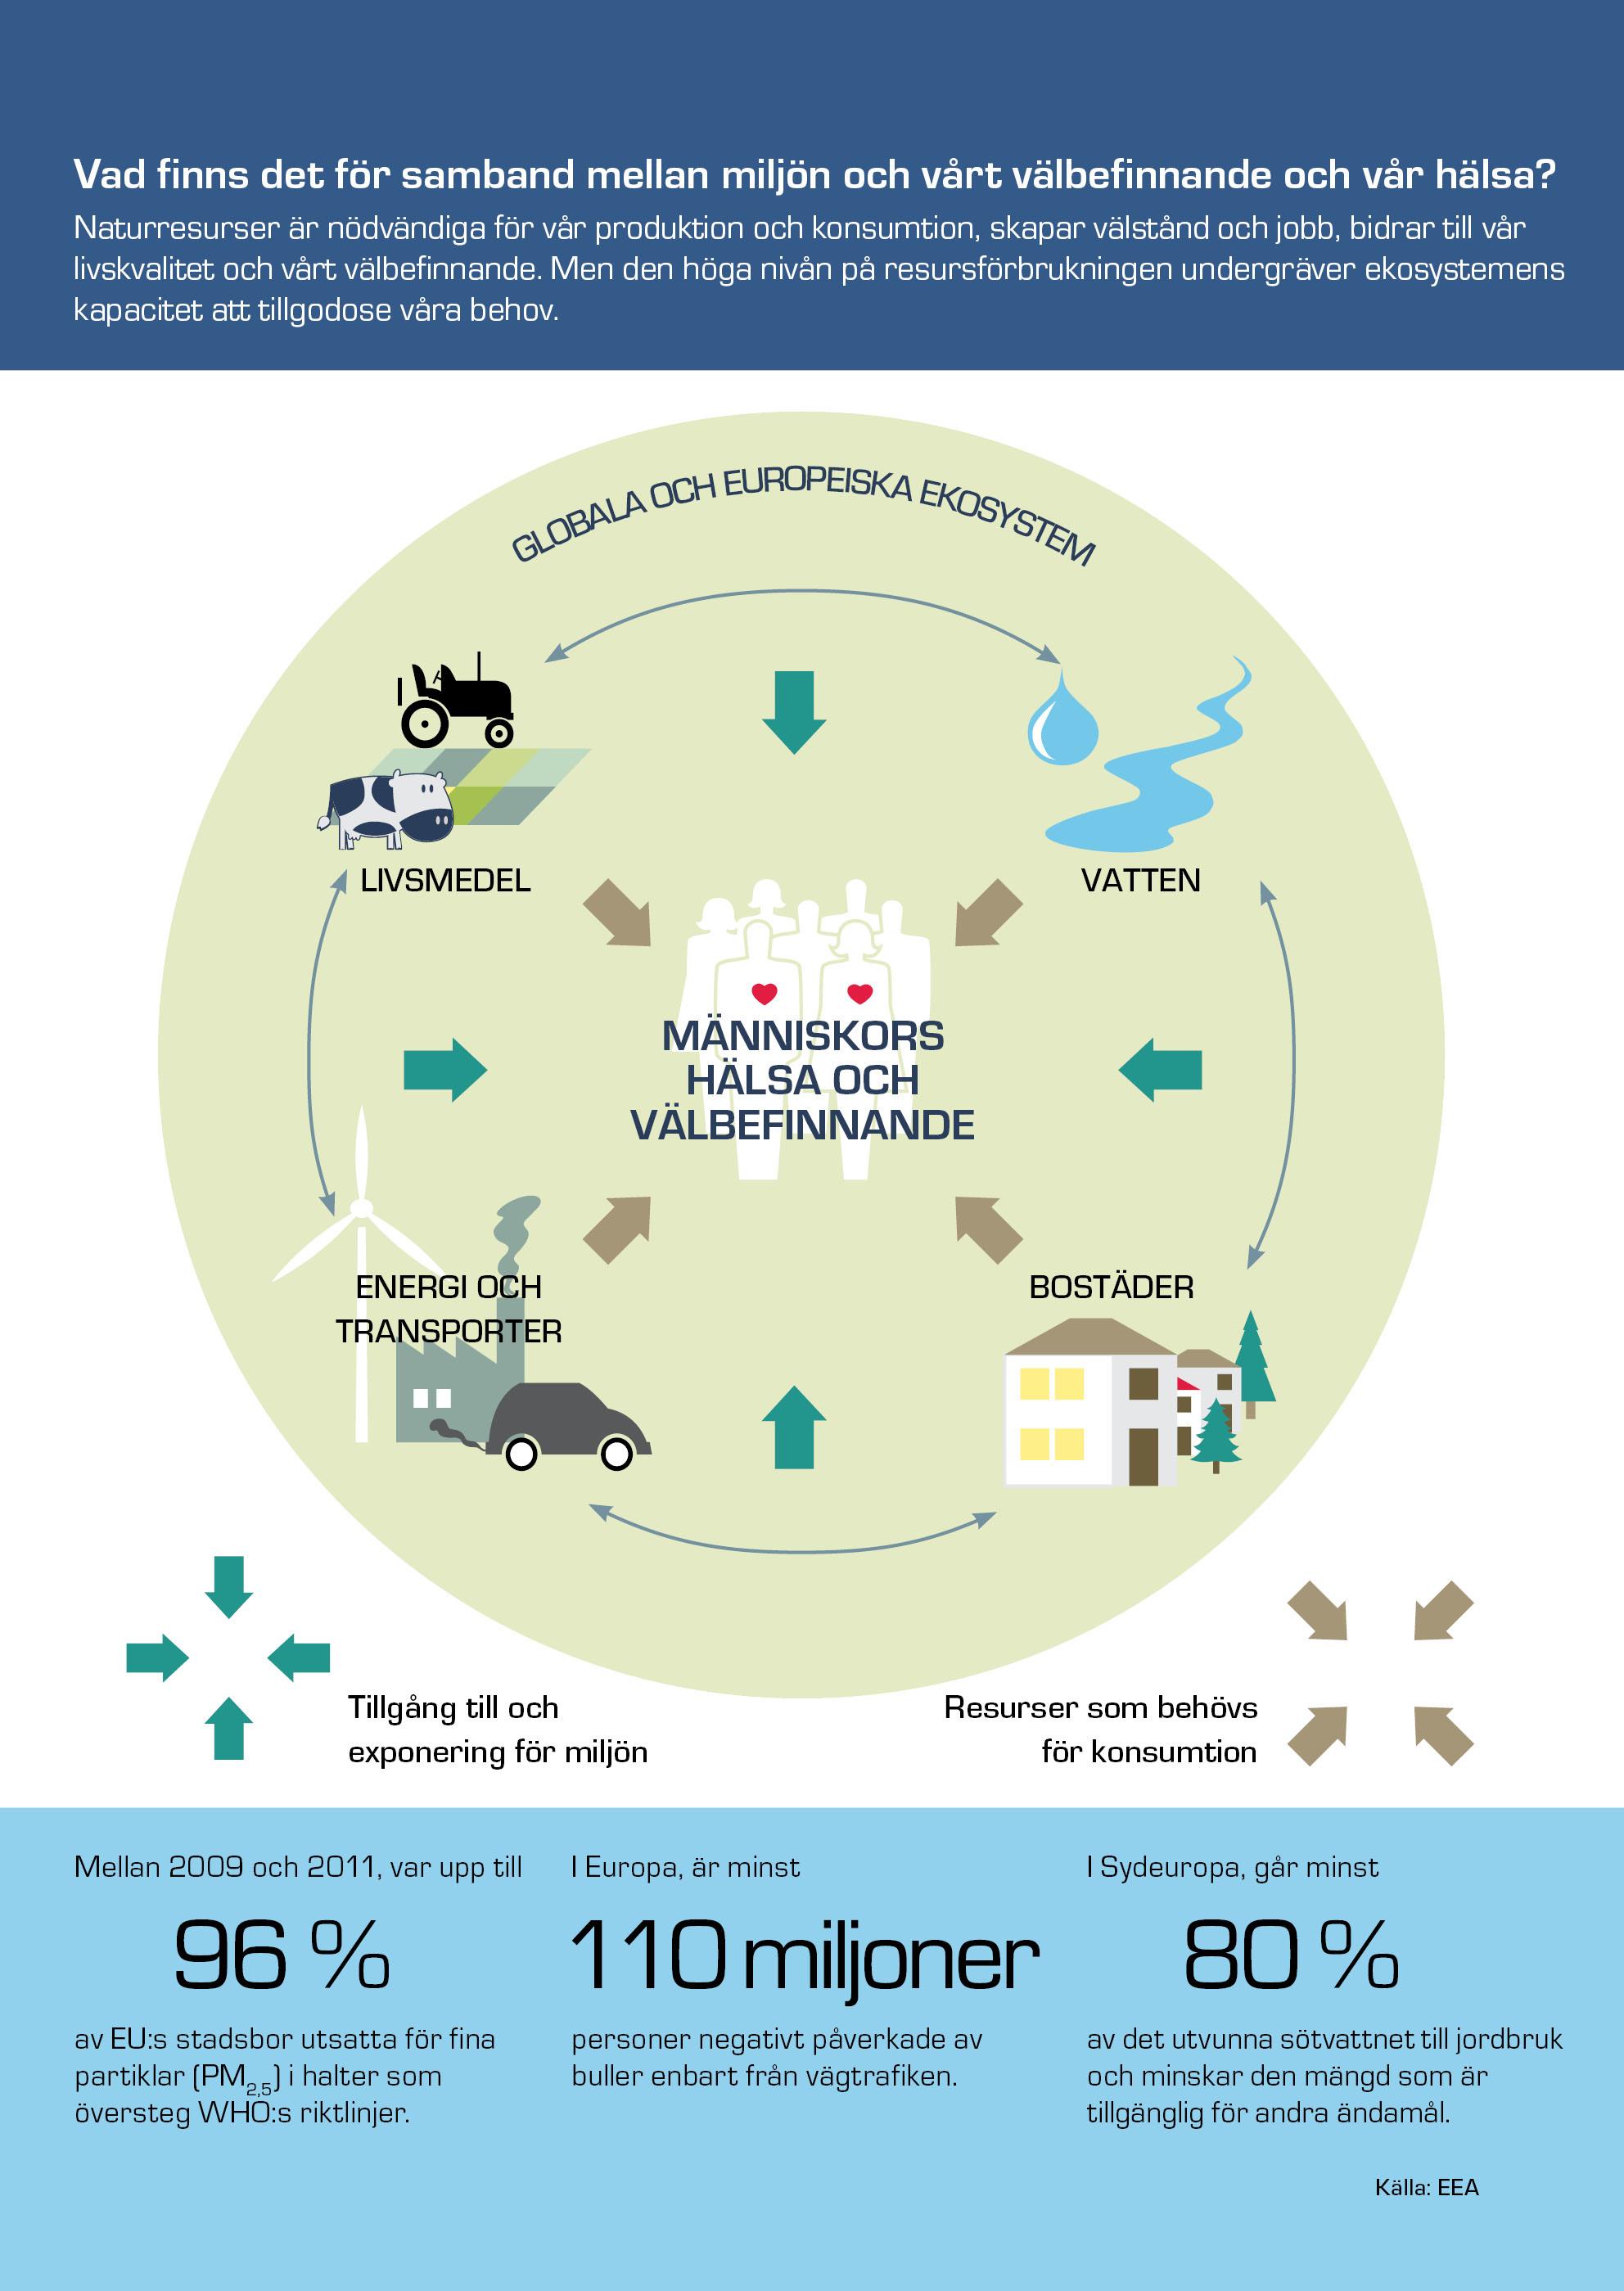 Vad finns det för samband mellan miljön och vårt välbefinnande och vår hälsa?